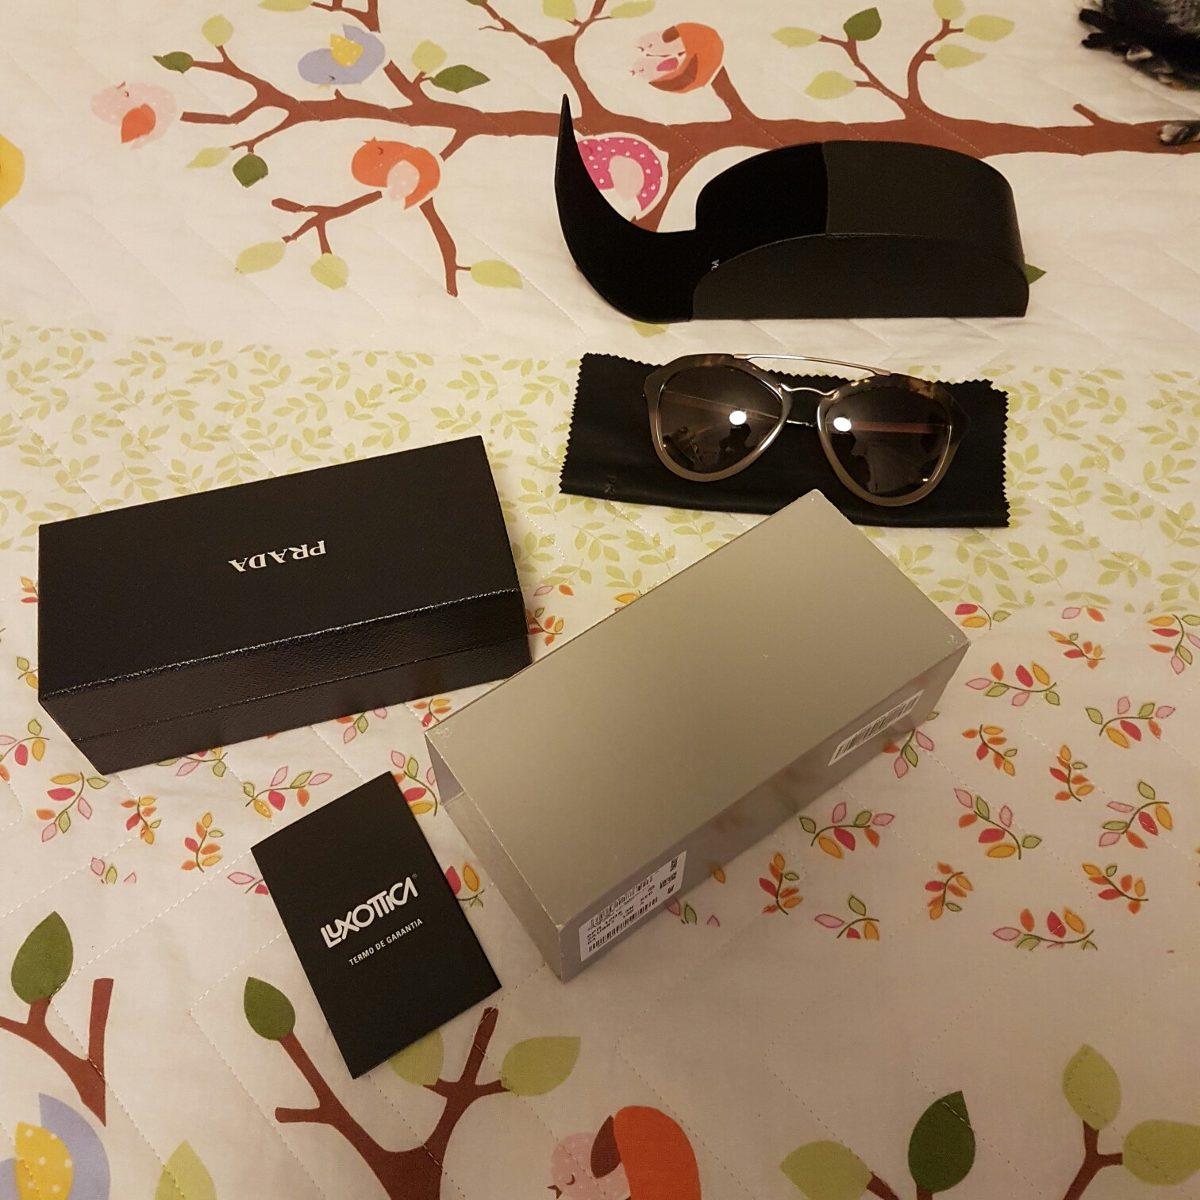 Óculos Prada Novo Na Caixa Com Nota Fiscal - R  780,00 em Mercado Livre 6ad2ecdb5f